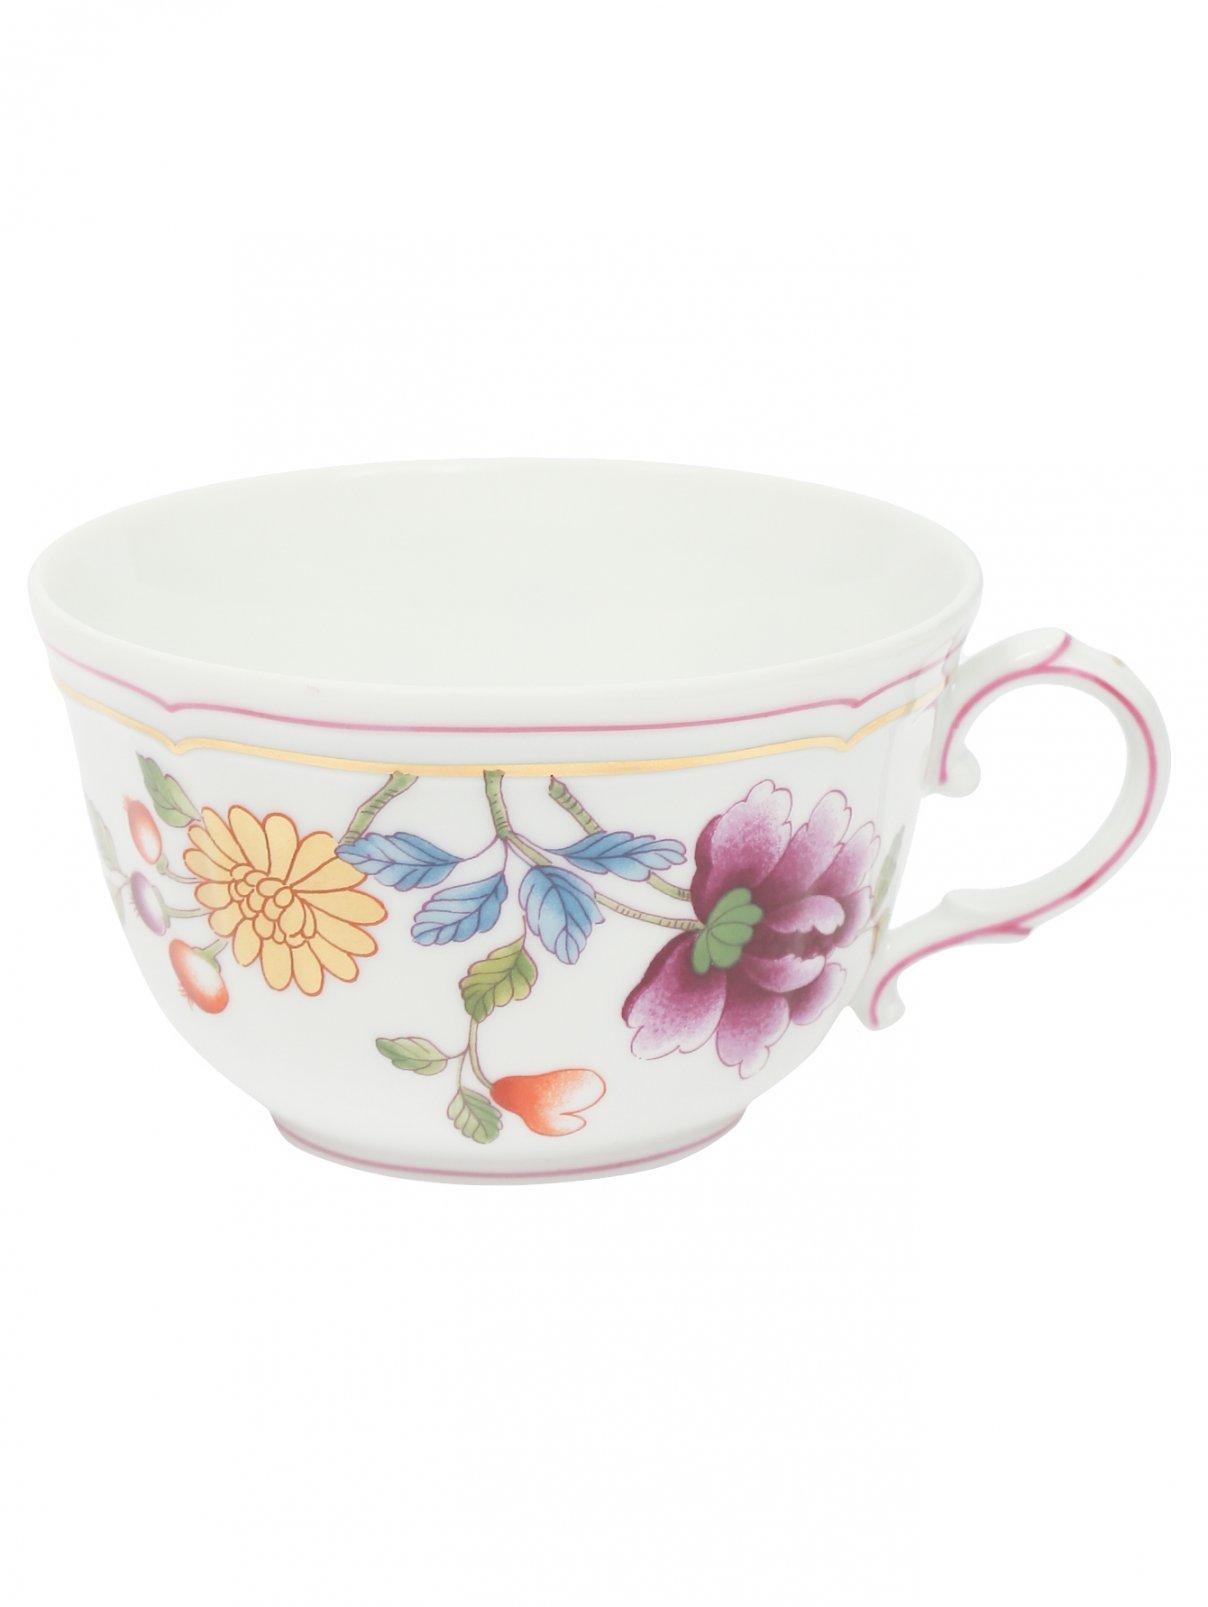 Чайная чашка цветочным узором и окантовкой Richard Ginori 1735  –  Общий вид